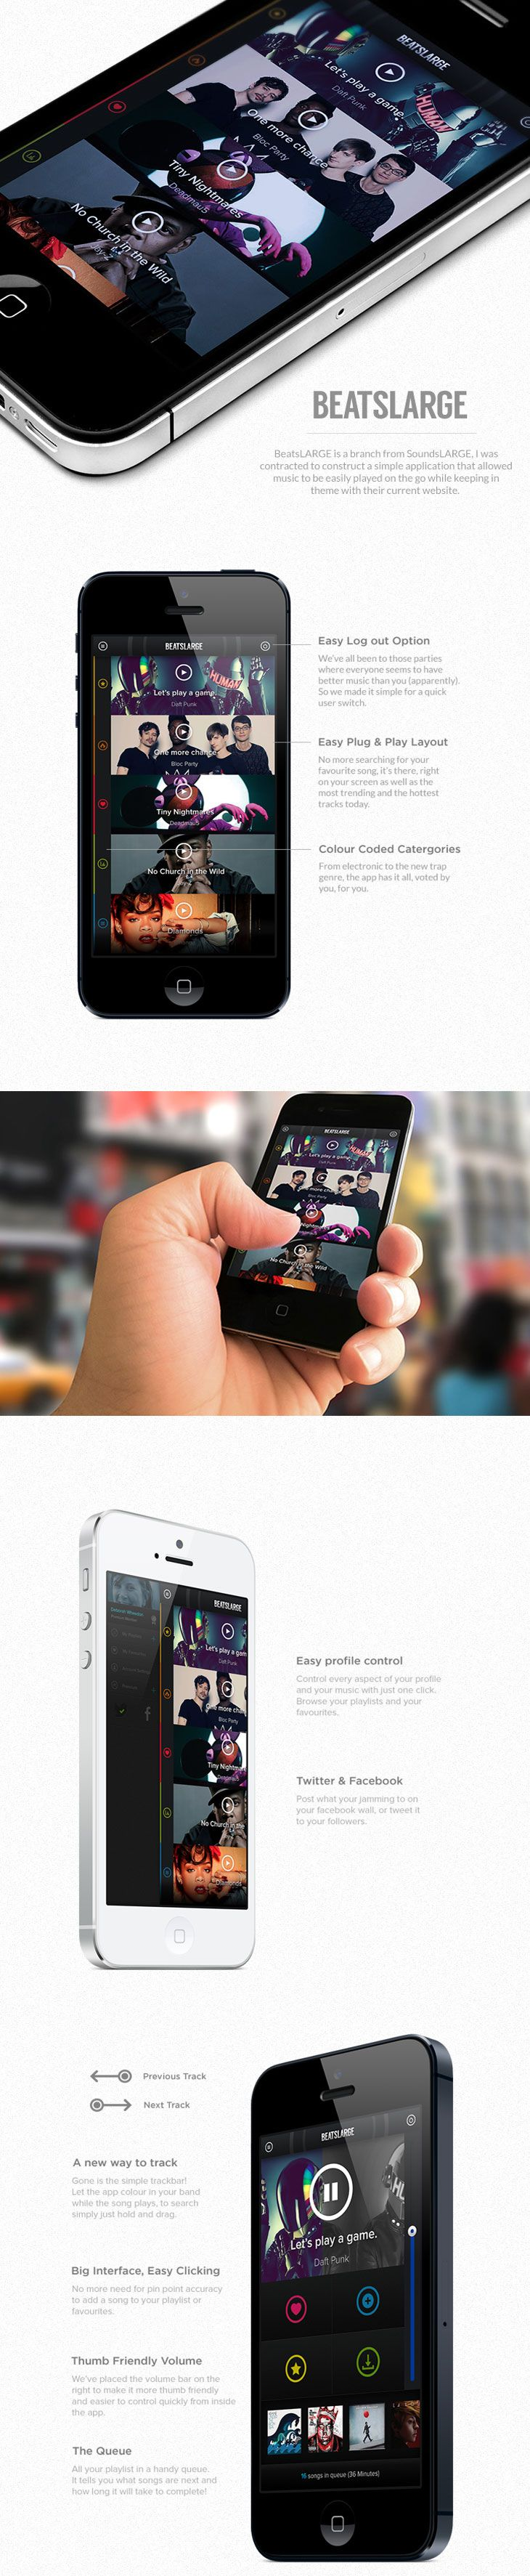 Daily Mobile UI Design Inspiration #41